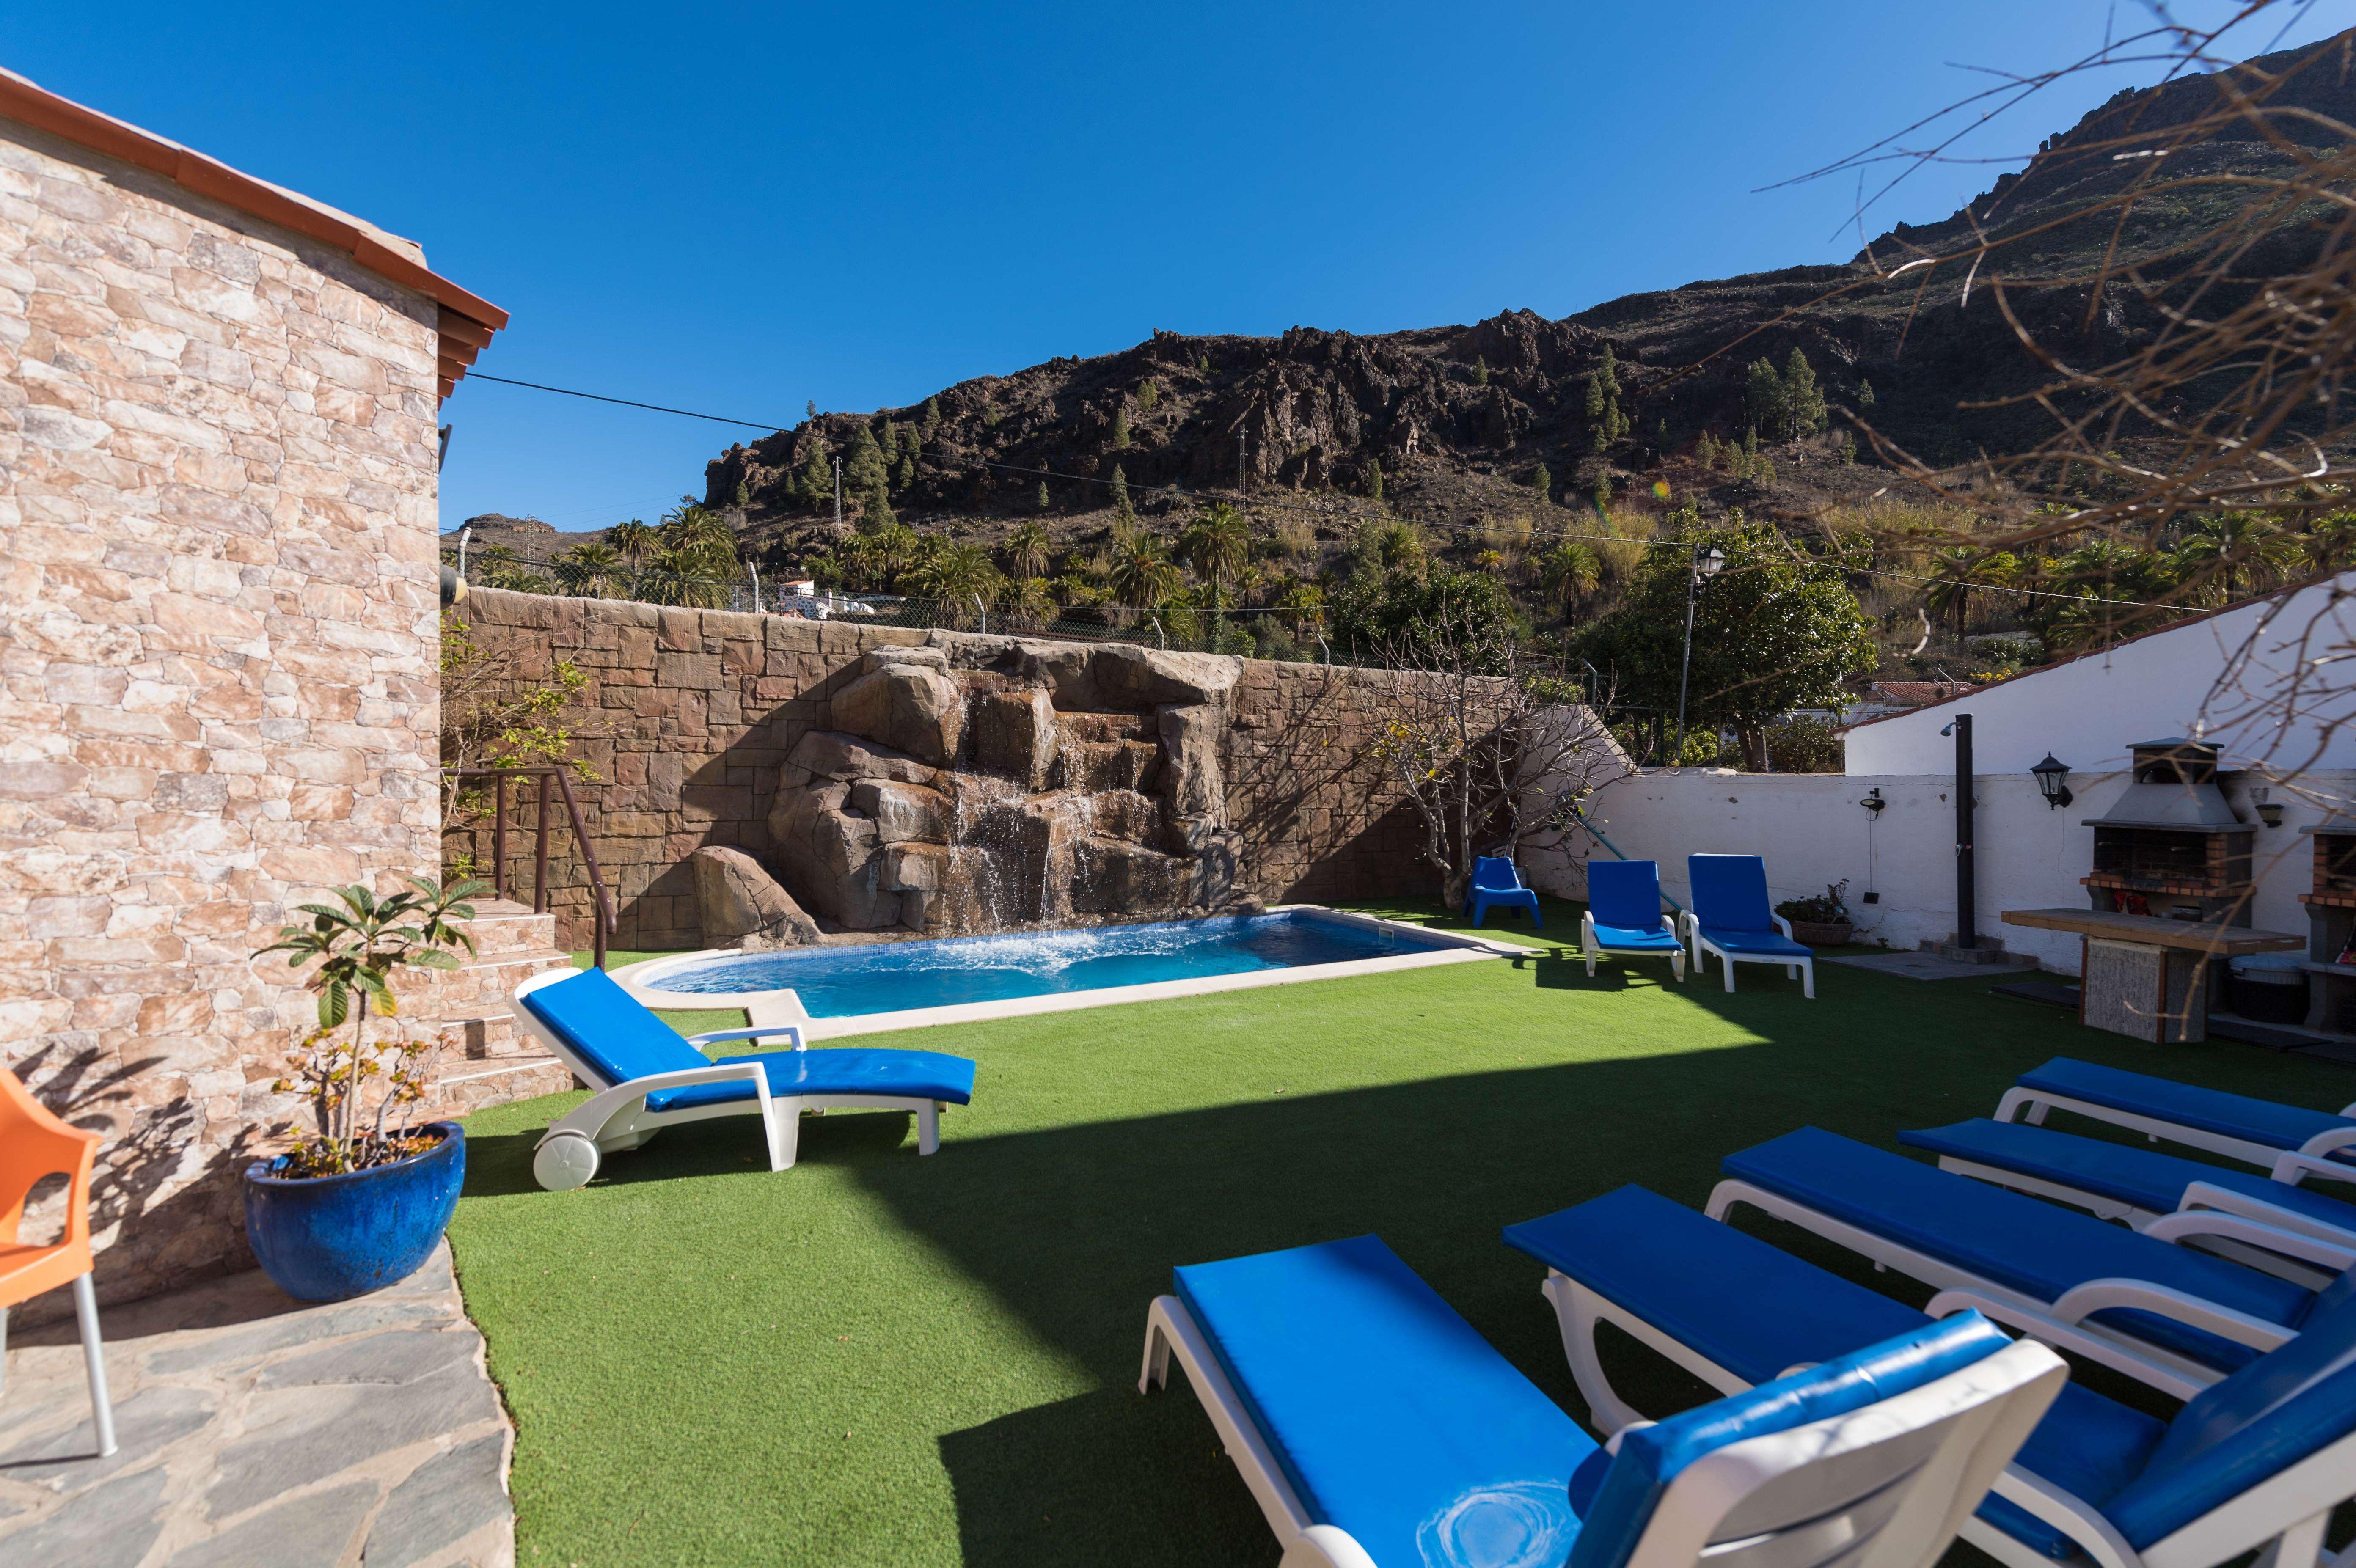 La casa cuenta con un jardín con piscina y zona de barbacoa